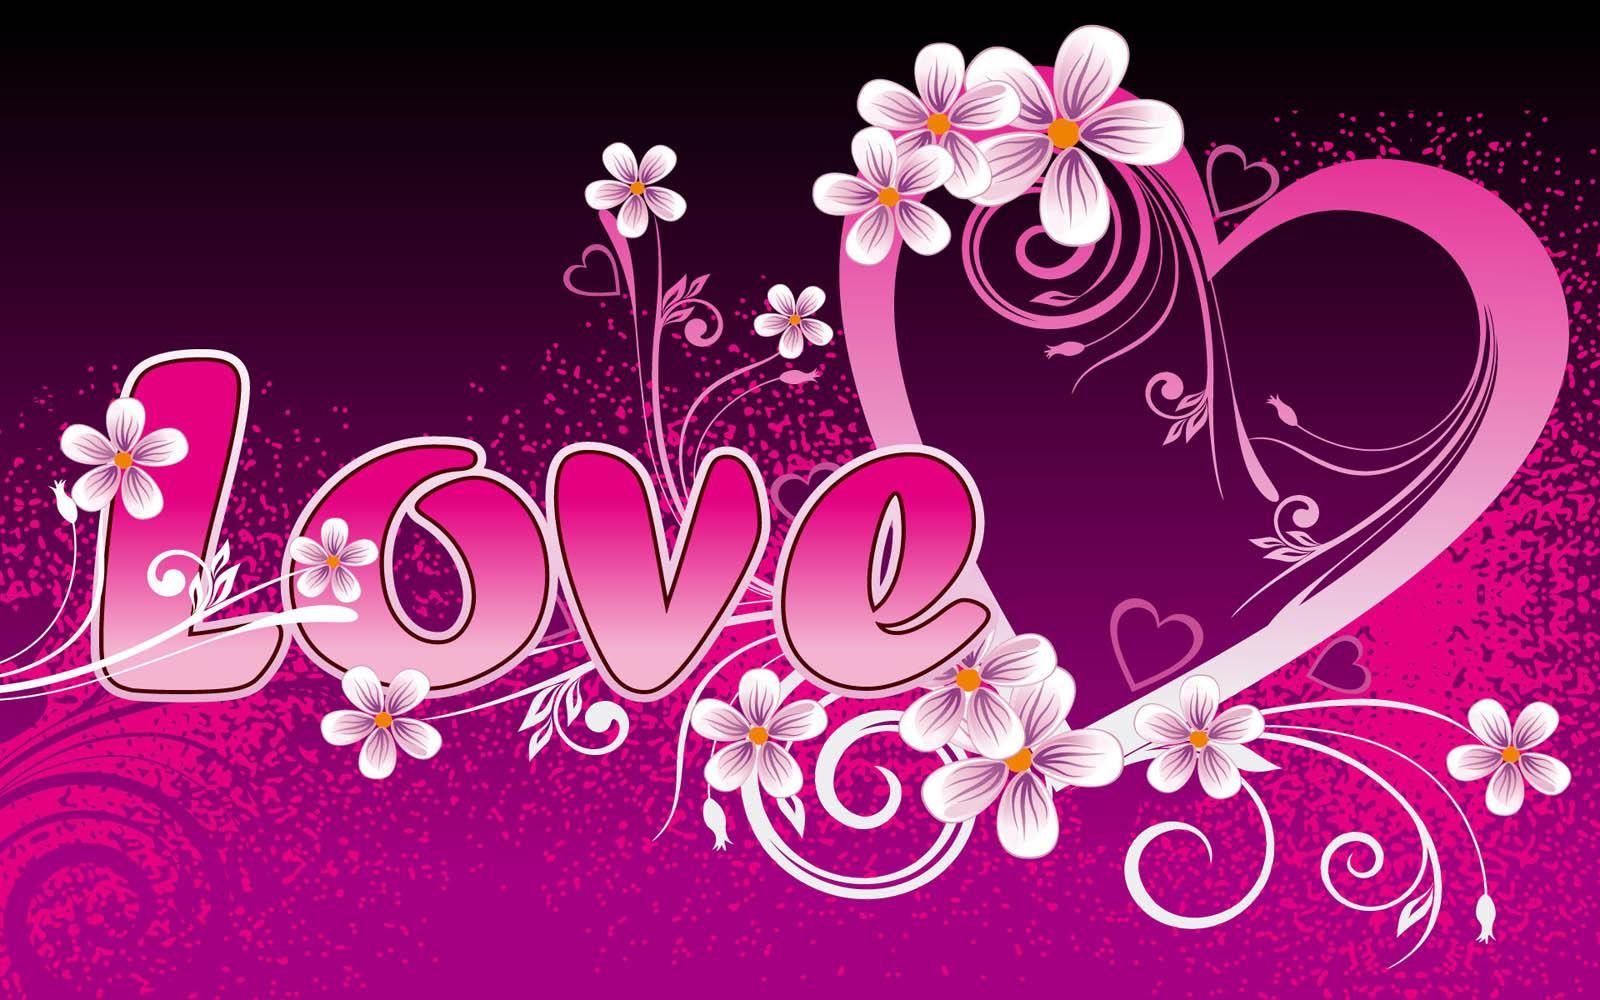 Wallpaper Simbol Love Yang Keren